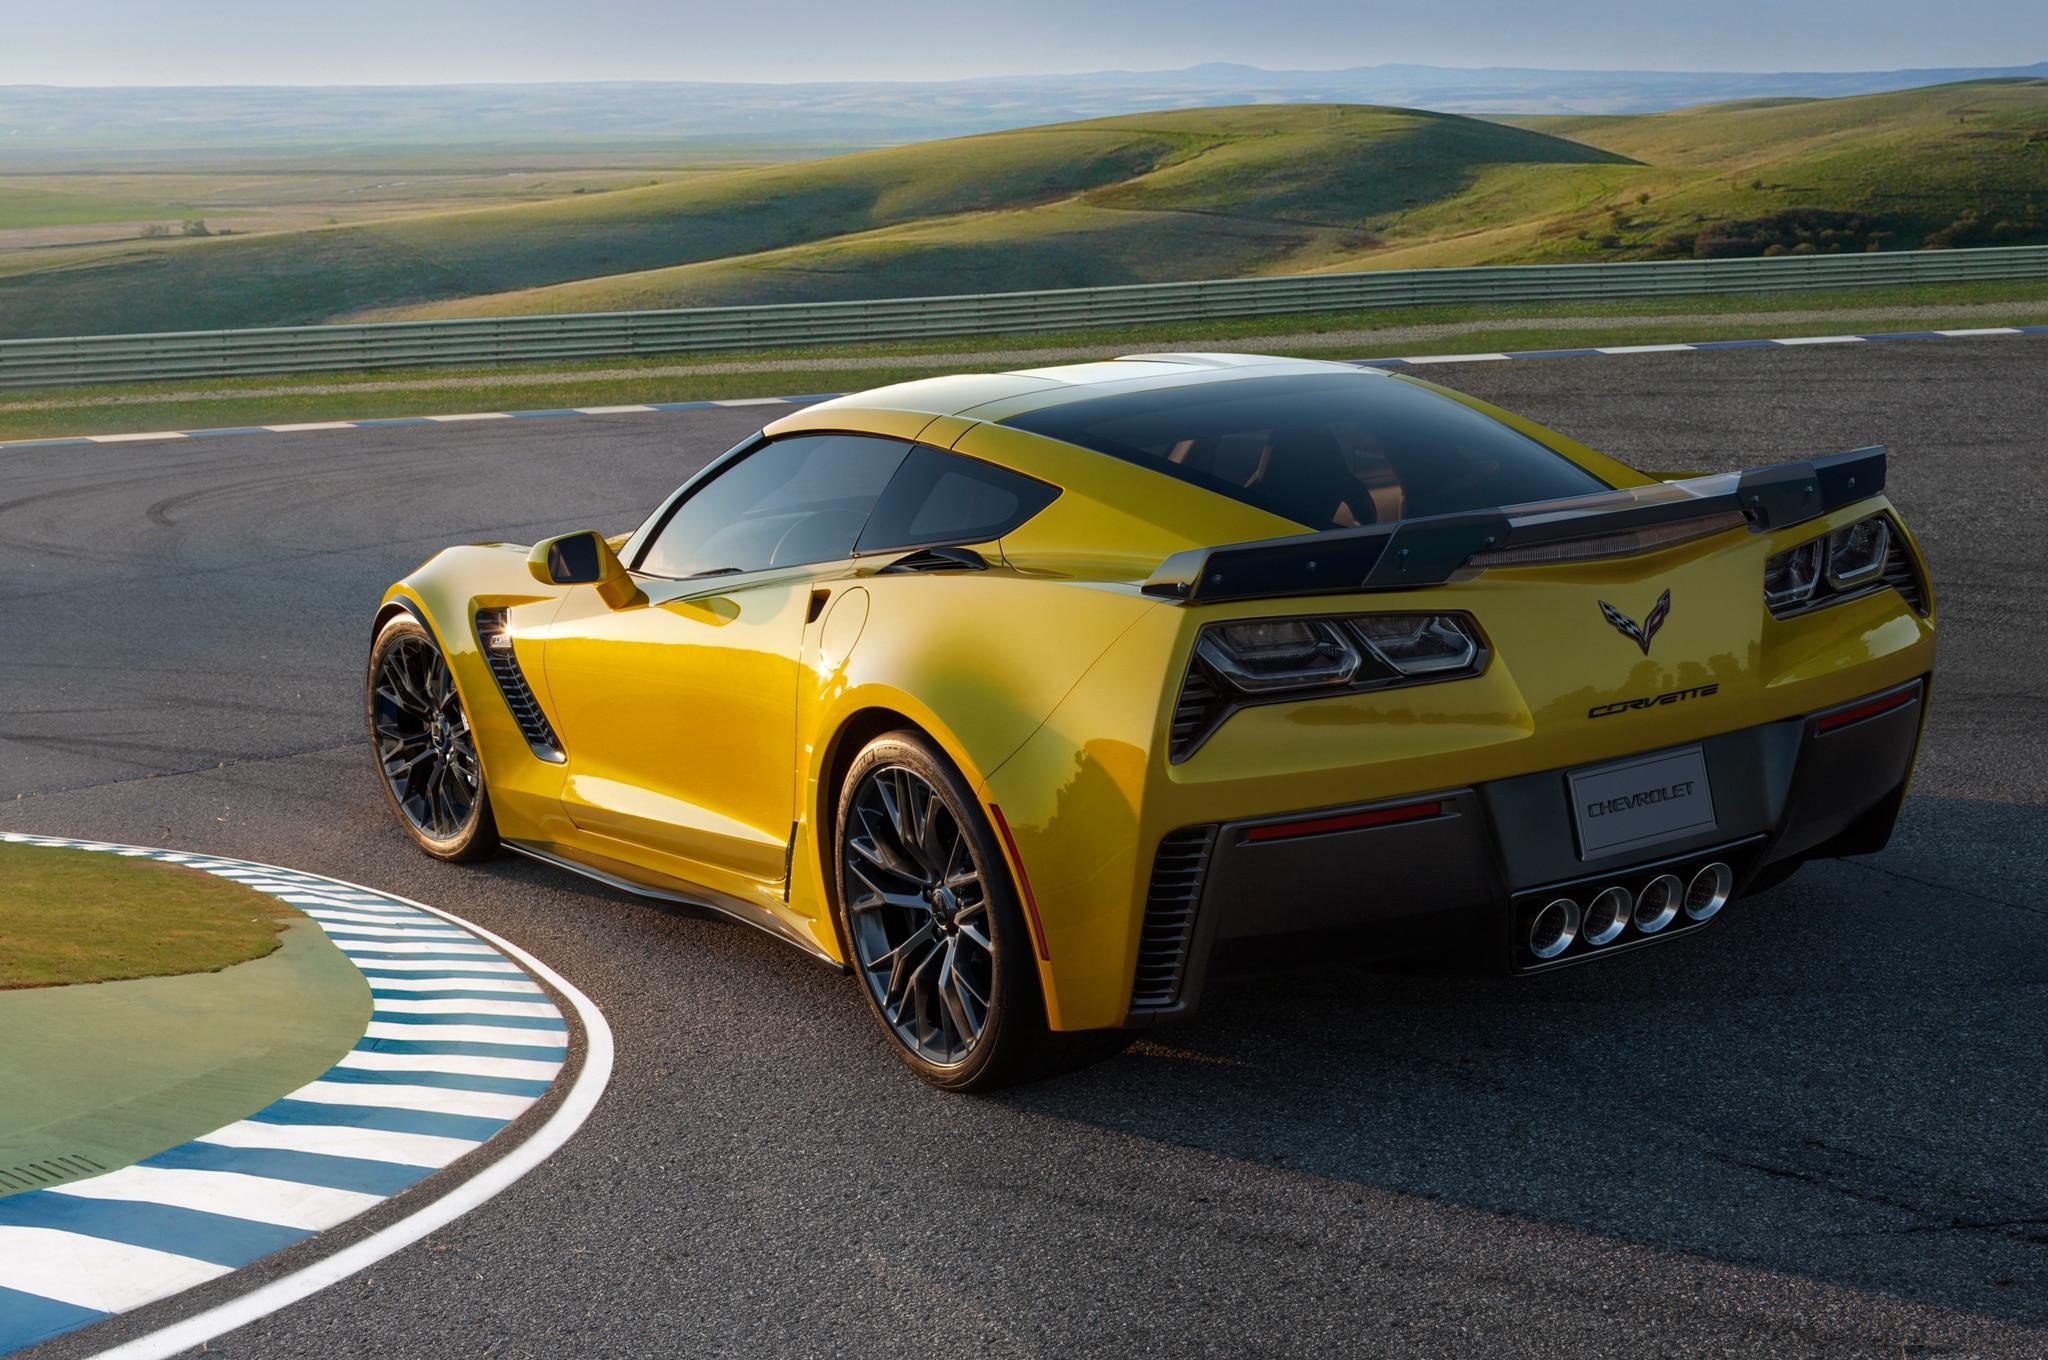 2015 Chevrolet Corvette Z06 Rear Three Quarter Turn